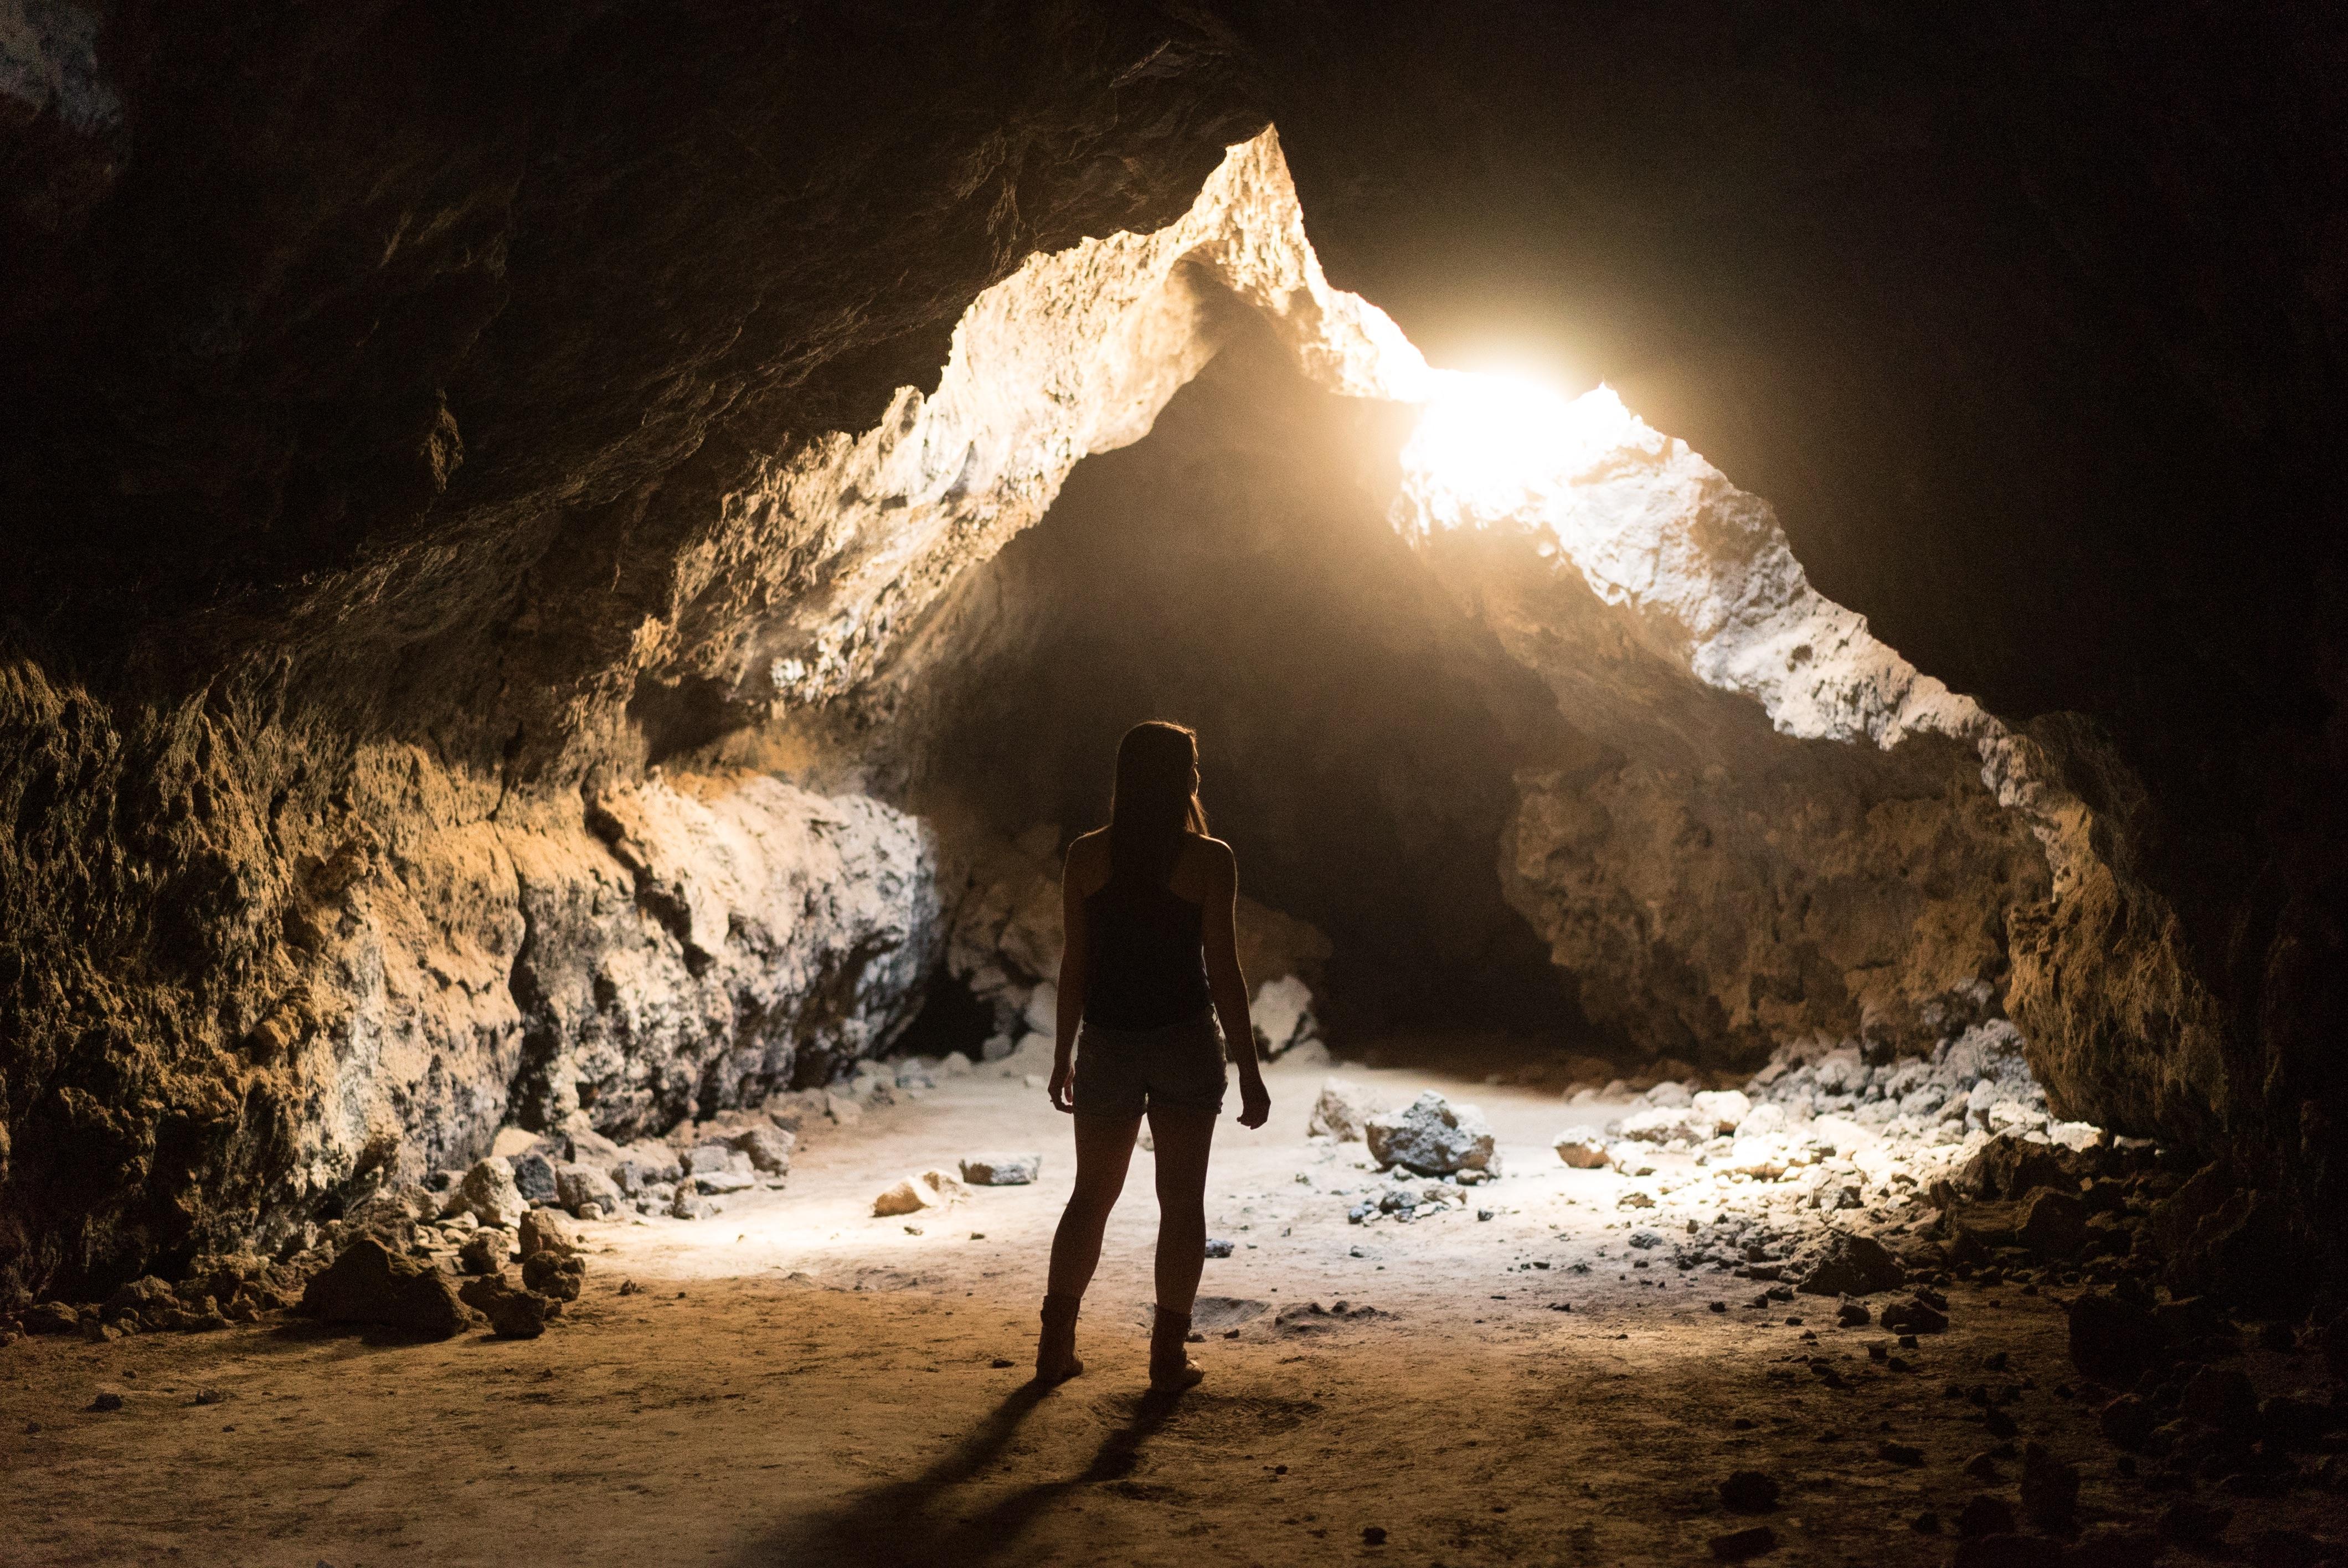 картинки темных пещерах ориентируются в полете с помощью форм методов реализации